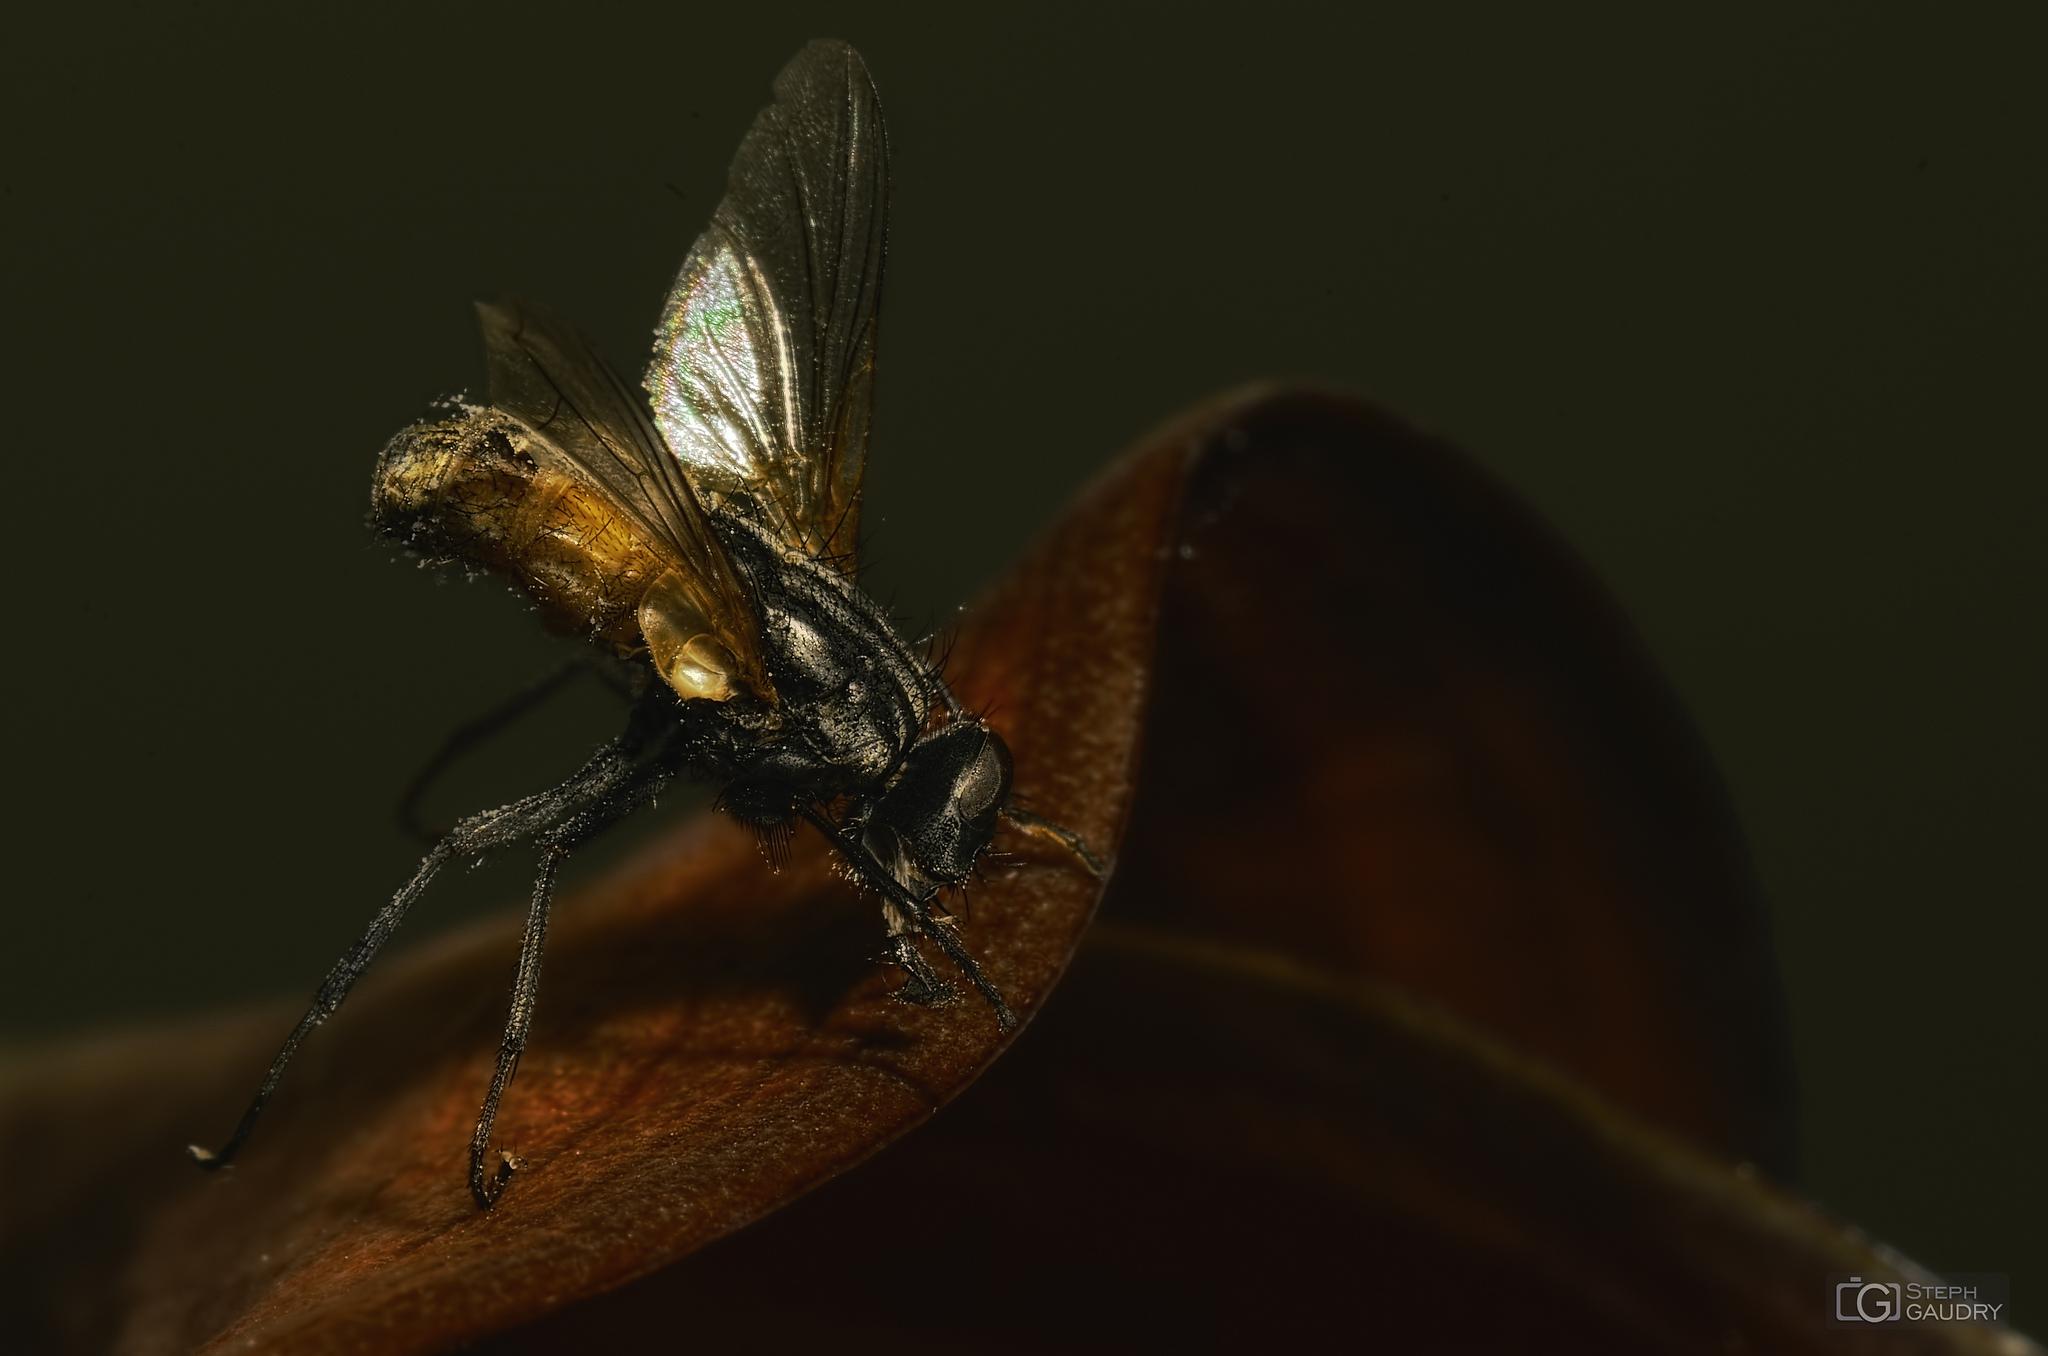 Dead insect on a living flower [Cliquez pour lancer le diaporama]